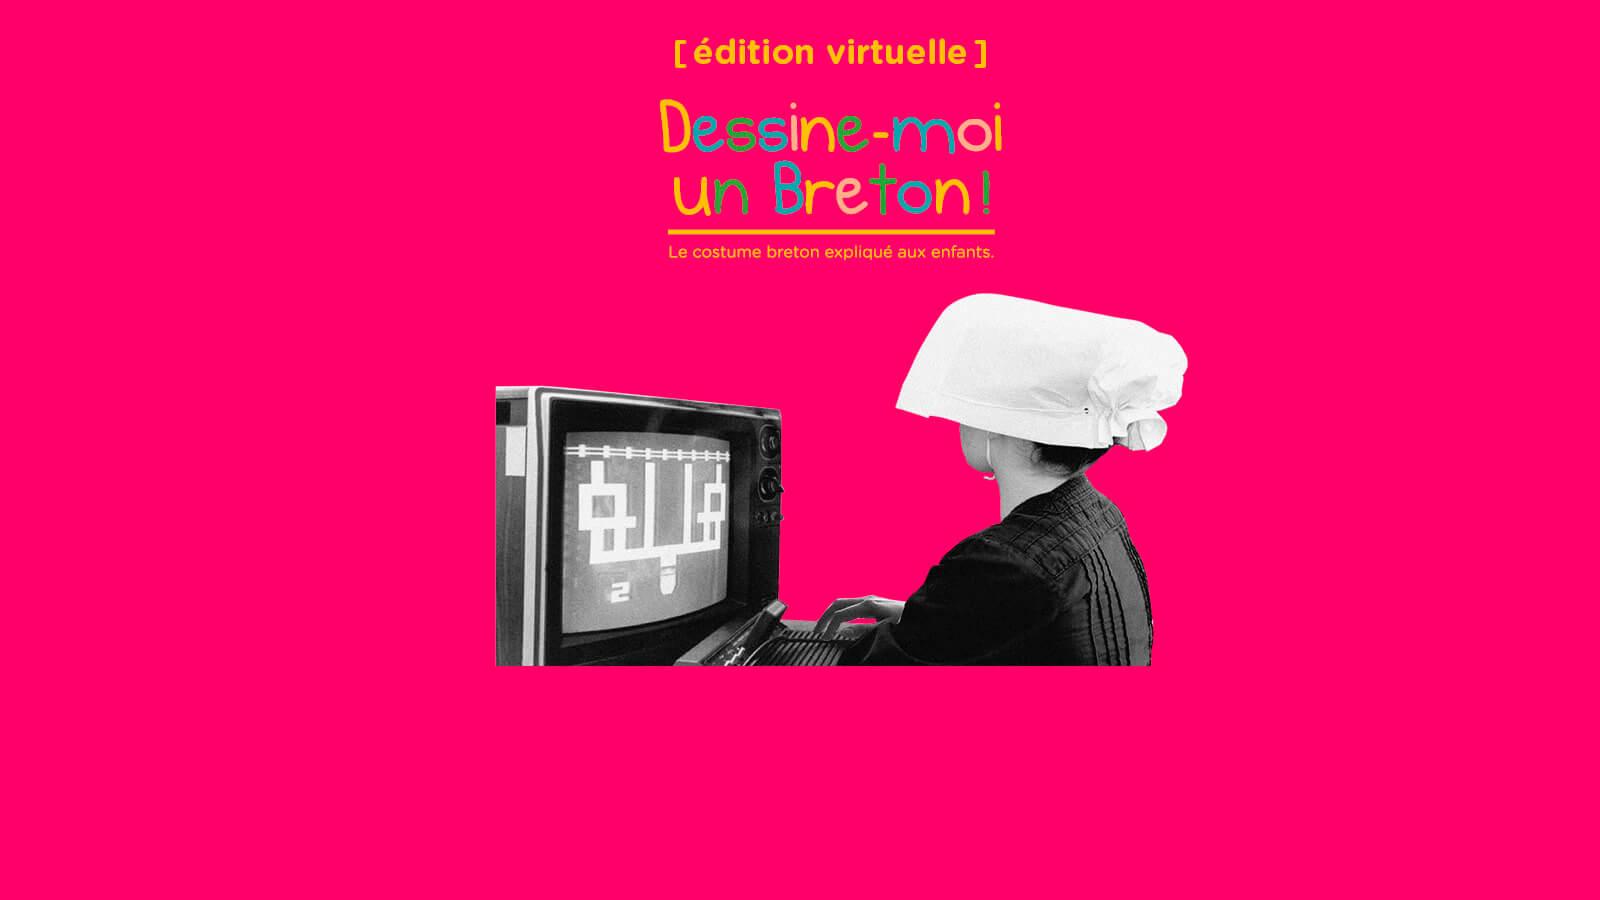 bannière exposition virtuelle